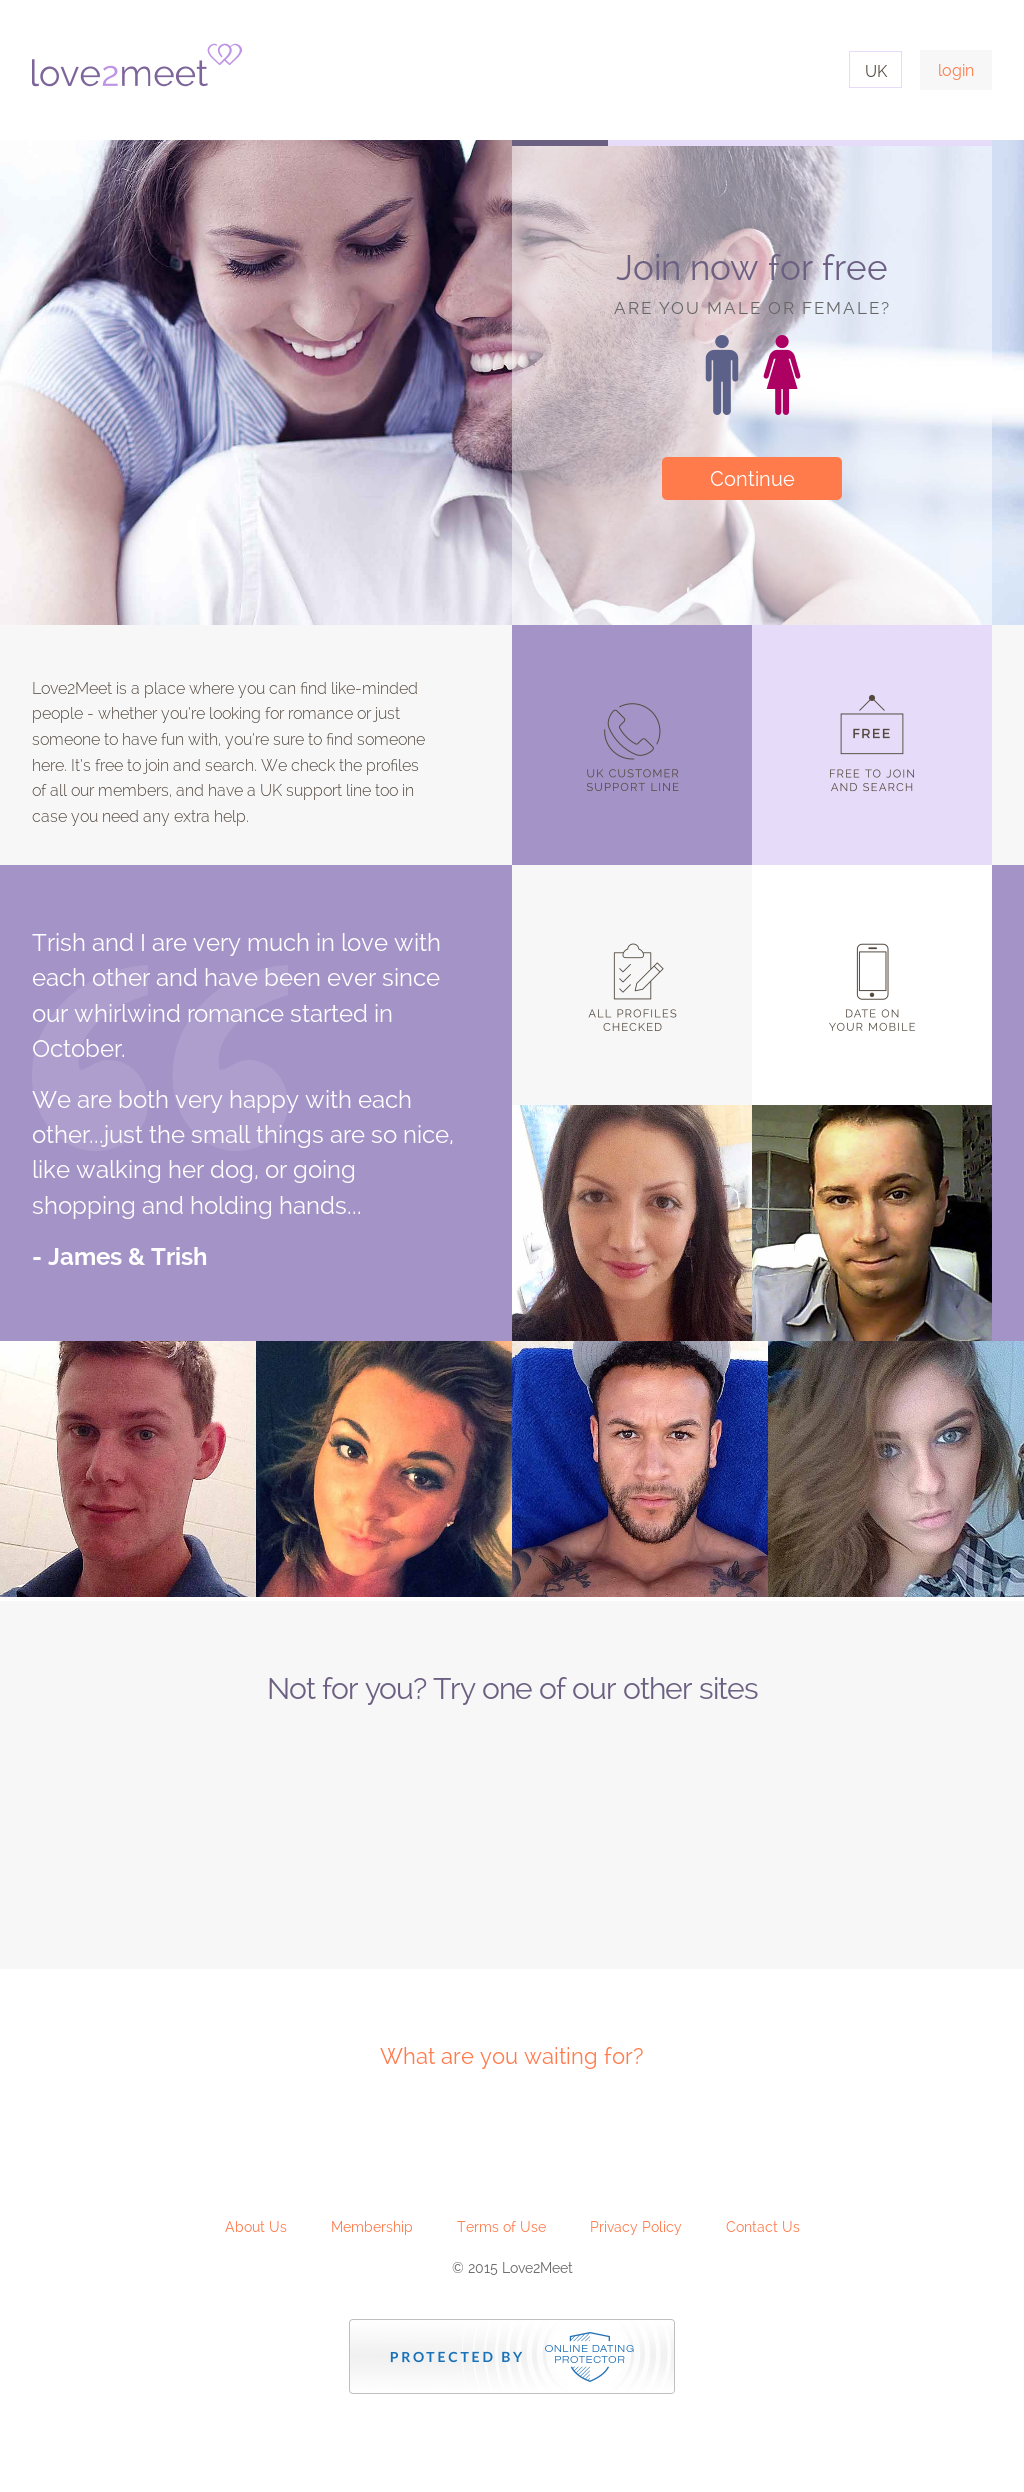 Dating Sites love2meet dating hendelser London denne helgen